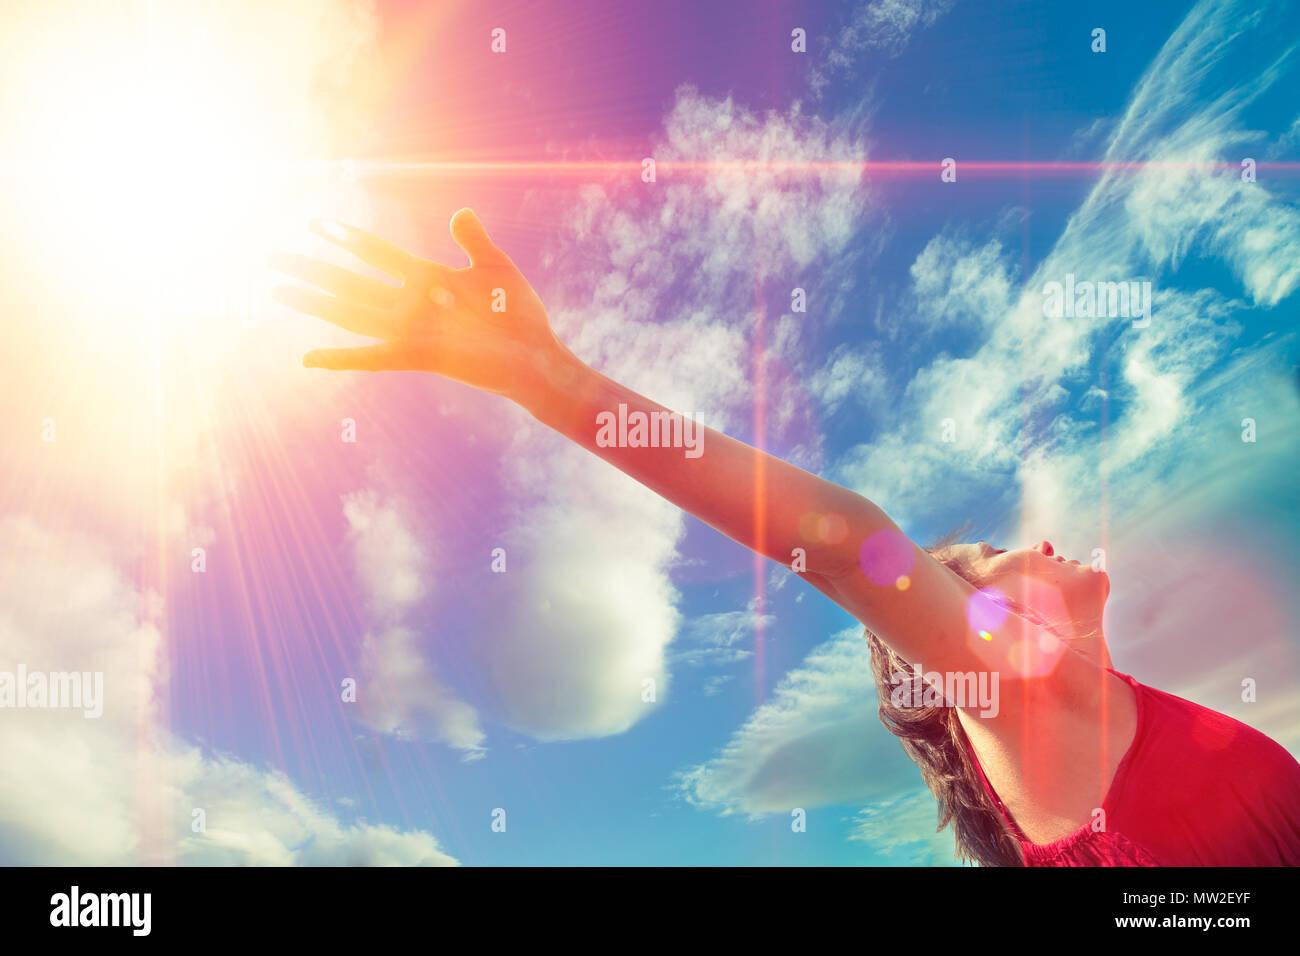 Frische Luft Hintergrund. Frau Lifestyle im Sonnenaufgang Landschaft. Wellness und glücklich Konzept, Mädchen und offenen Armen zu den Sonnenuntergang Himmel Stockbild